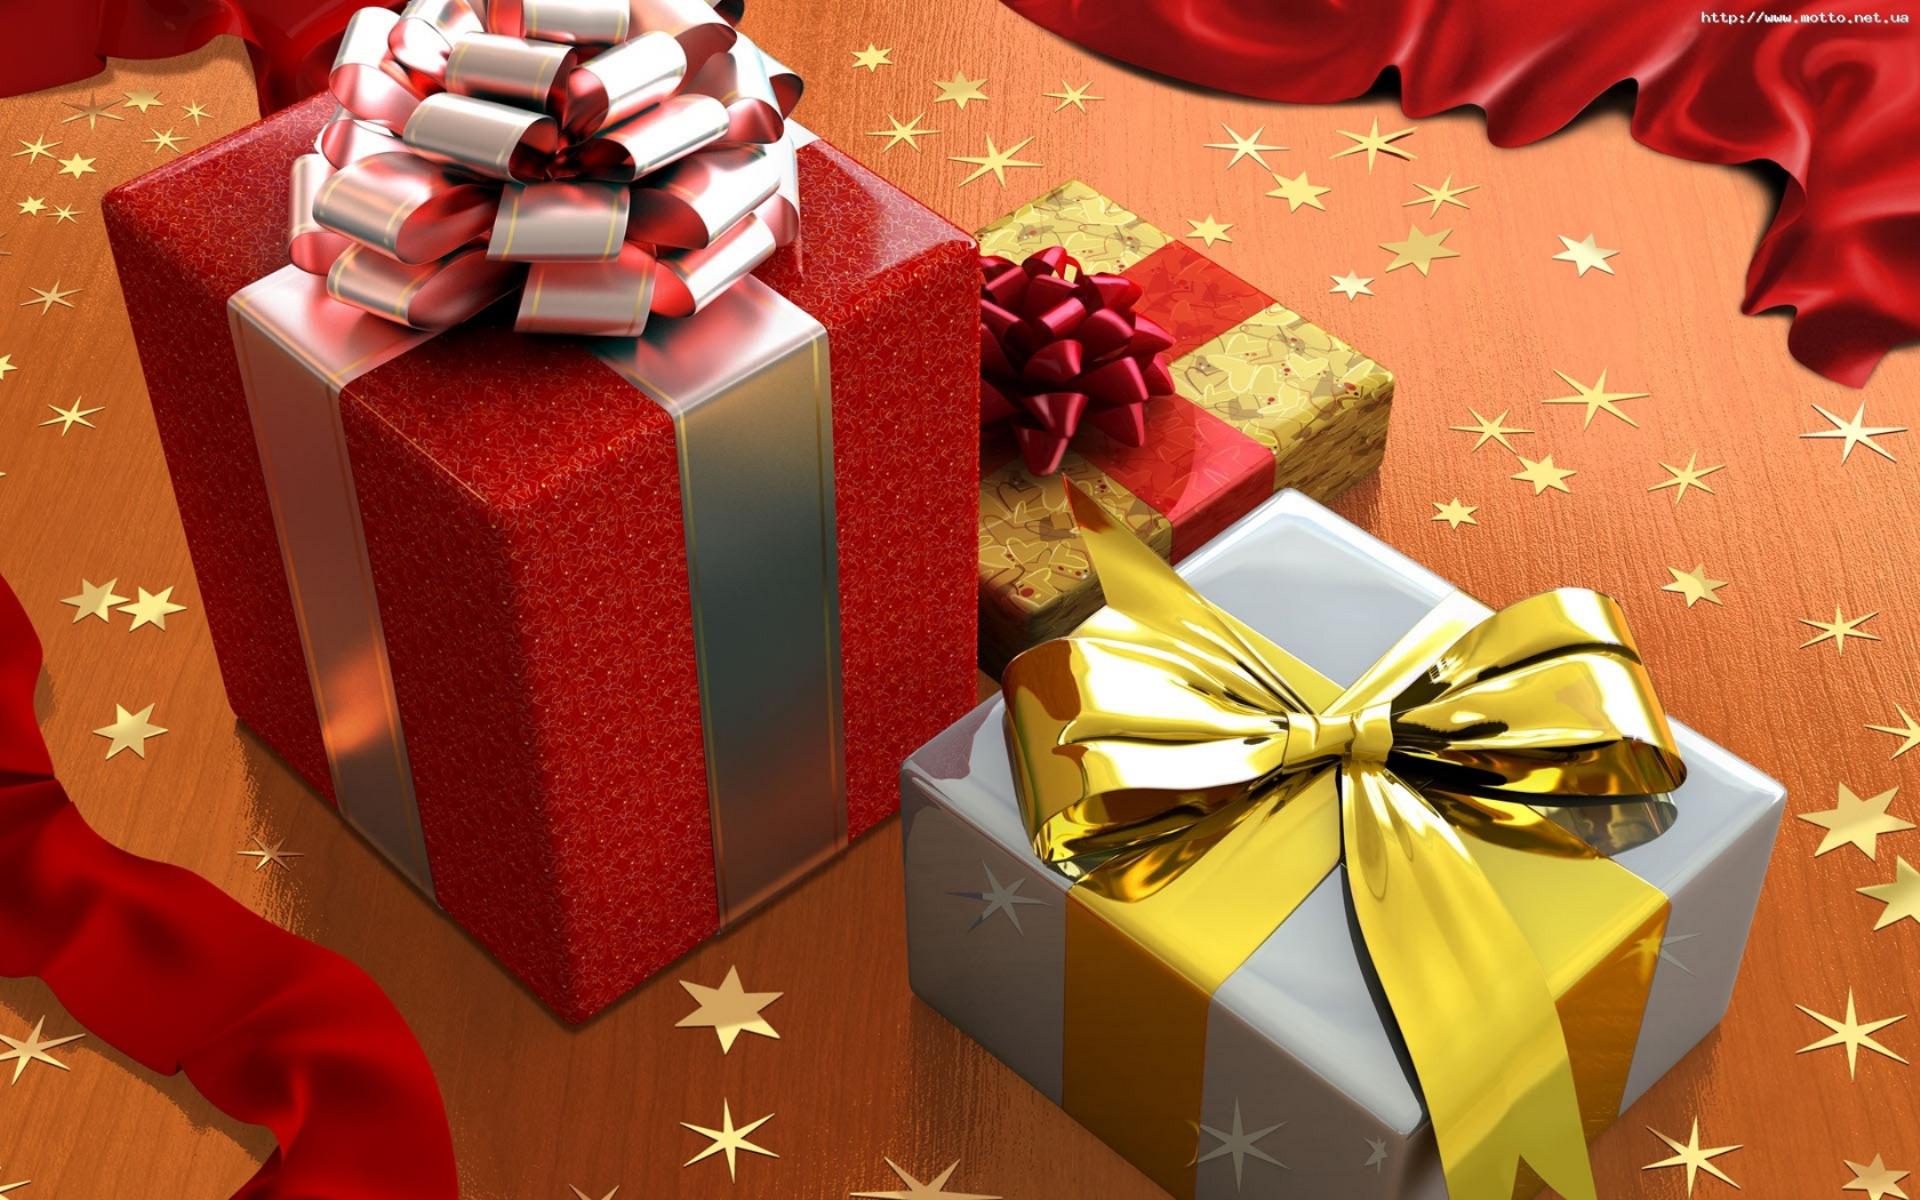 появлении картинки подарочки на день рождения видео, как это